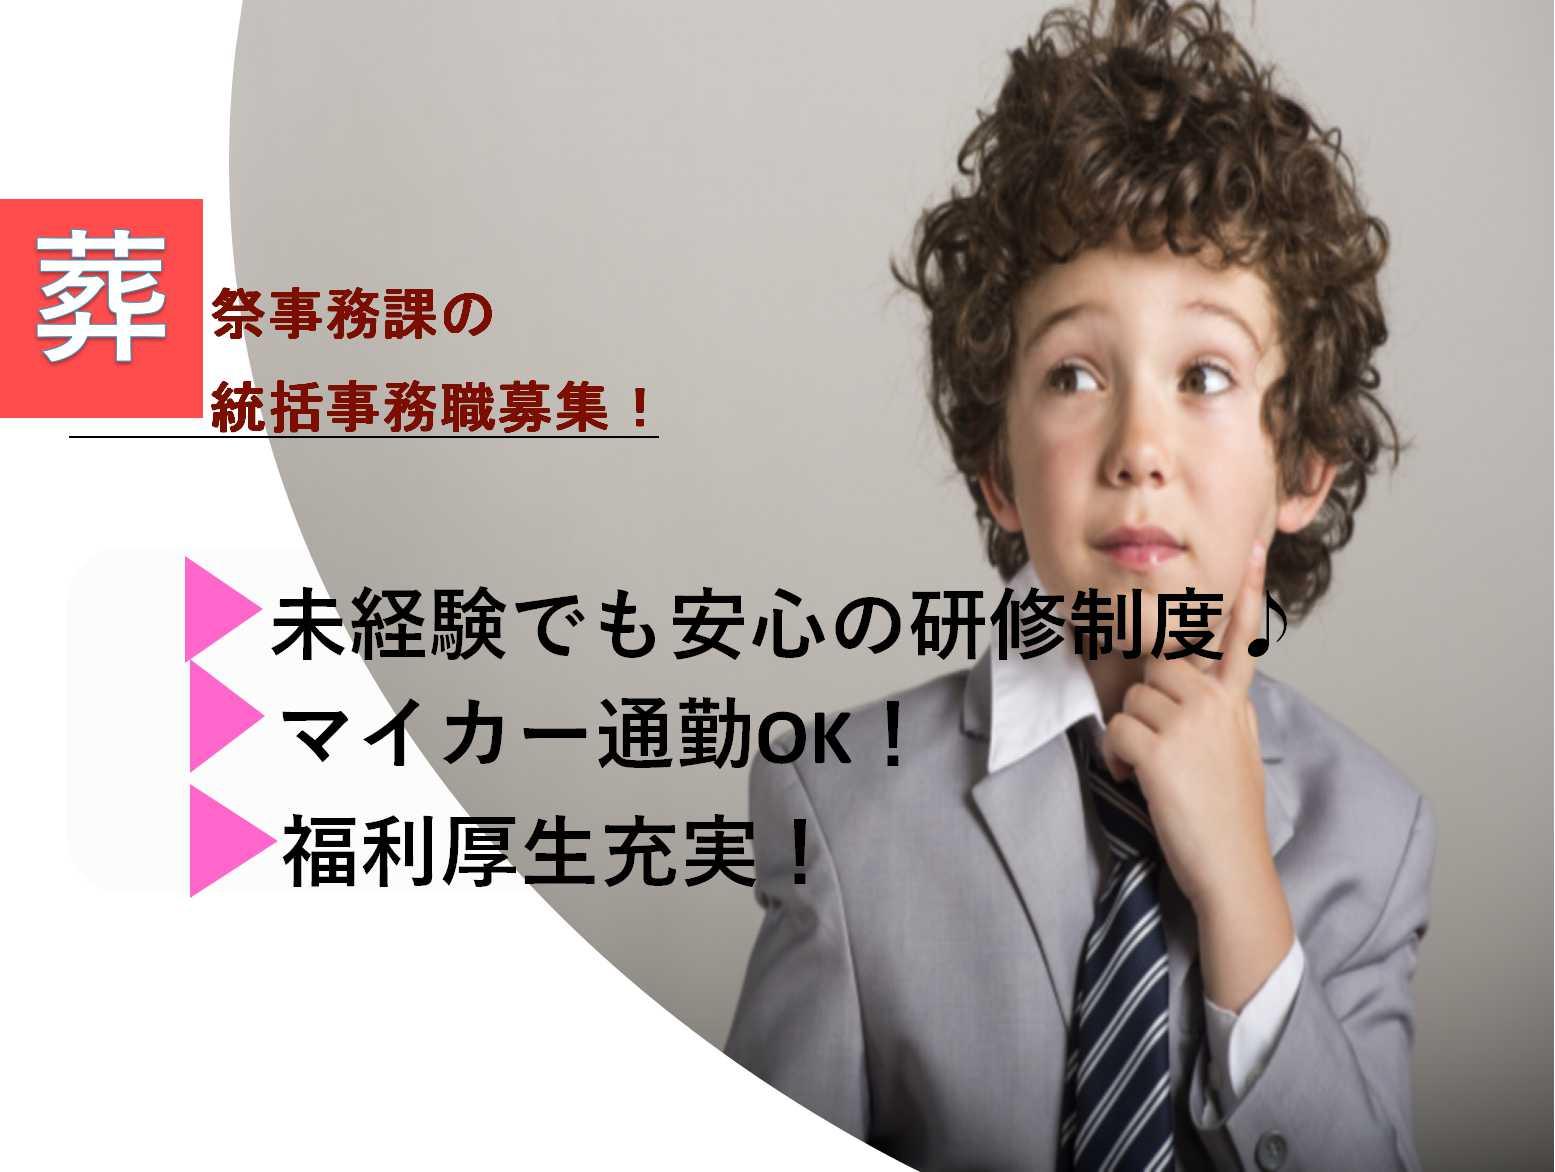 【愛知県稲沢市】ゆくゆくは新人育成もお願いします!未経験歓迎の葬祭事務課の統括事務職【即面談可能】 イメージ